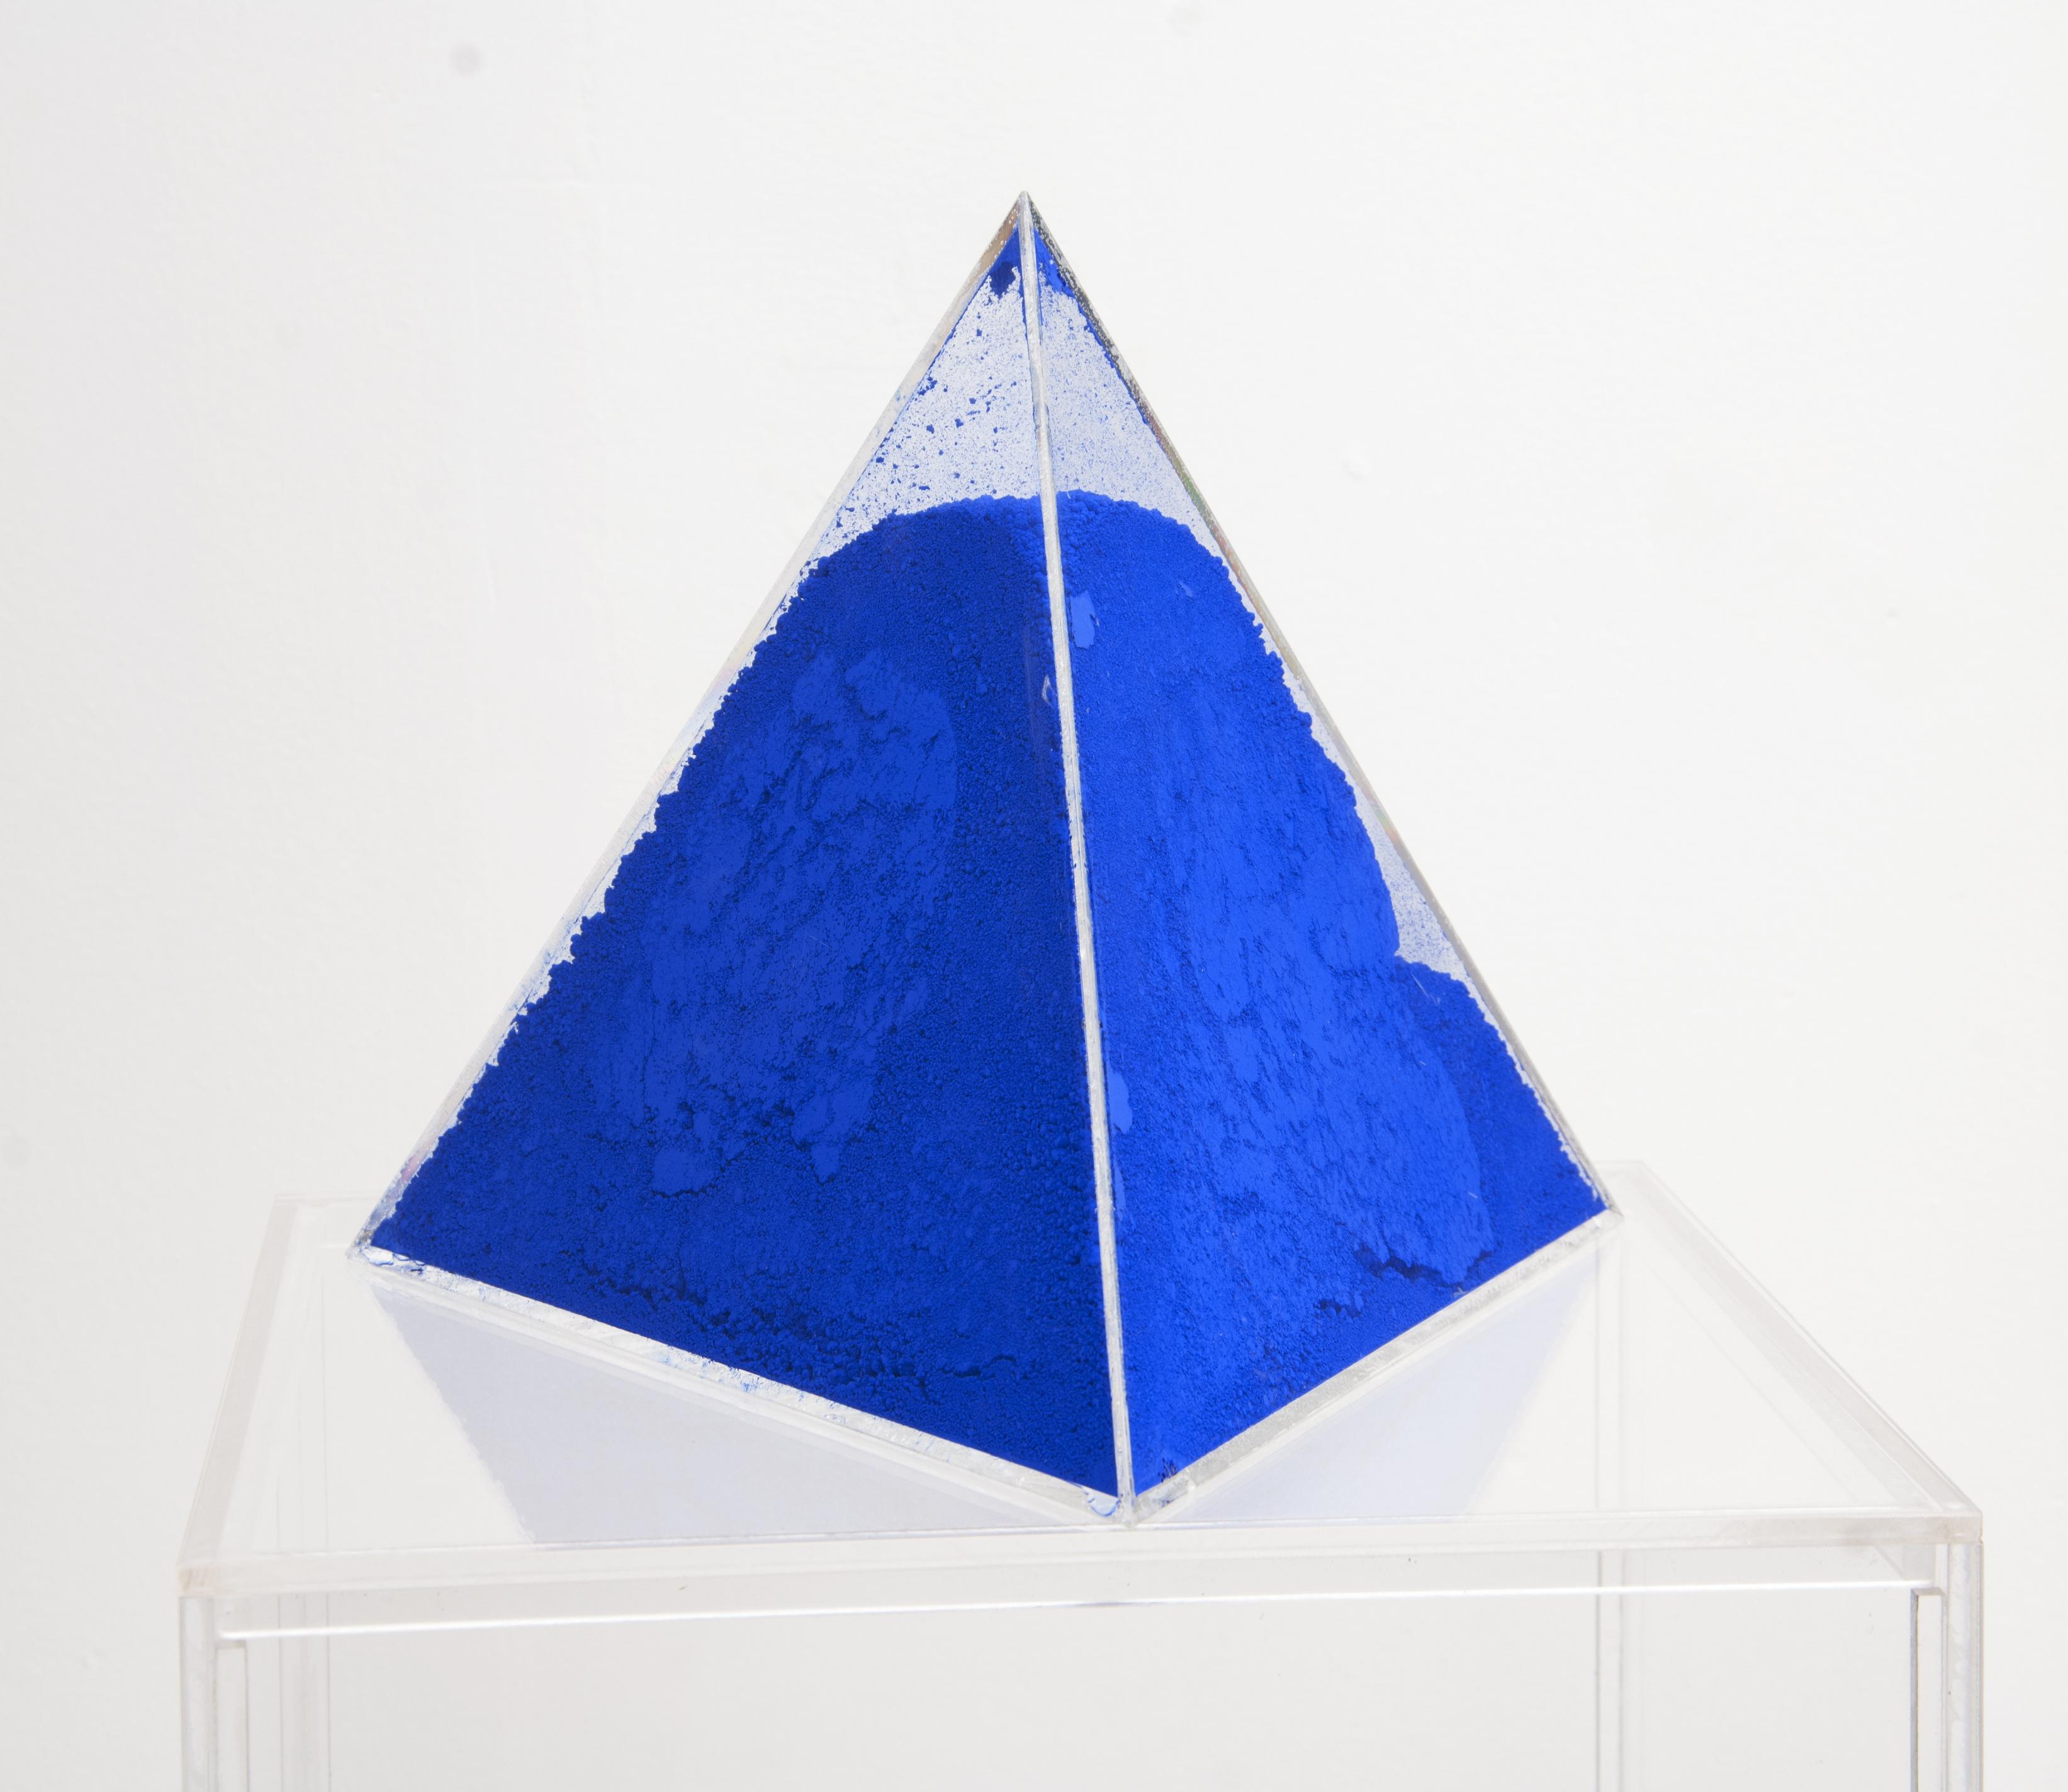 Fatto d'Arquimia: Volum Series: Mineral Blue (Pb 27 W 18)